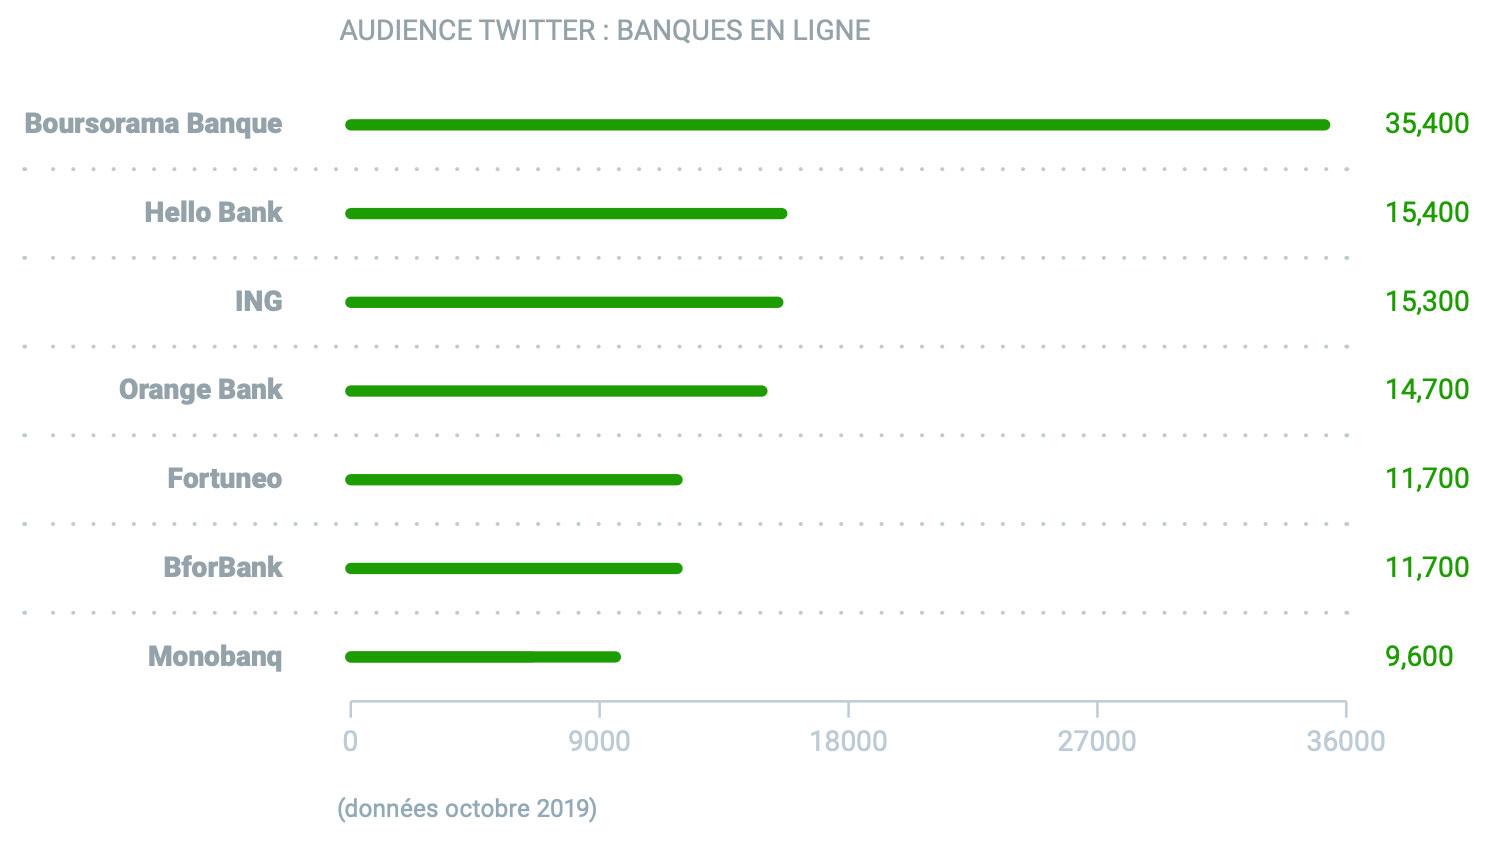 Performance des banques sur Twitter